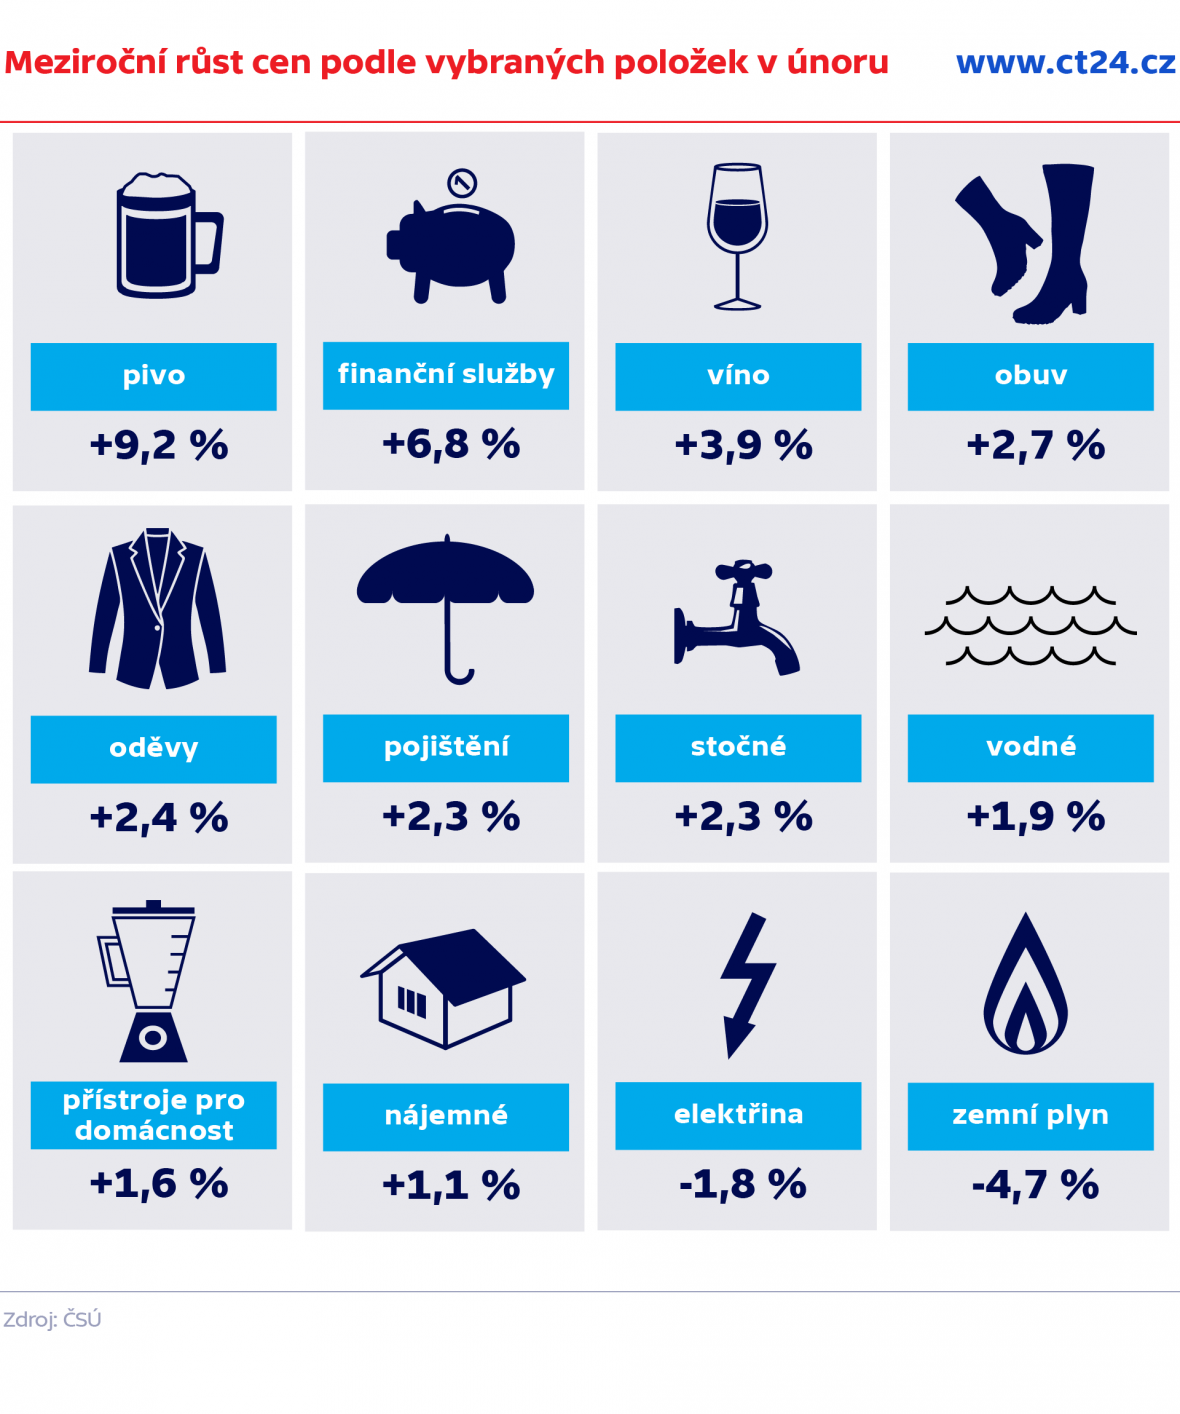 Meziroční růst cen podle vybraných položek v únoru